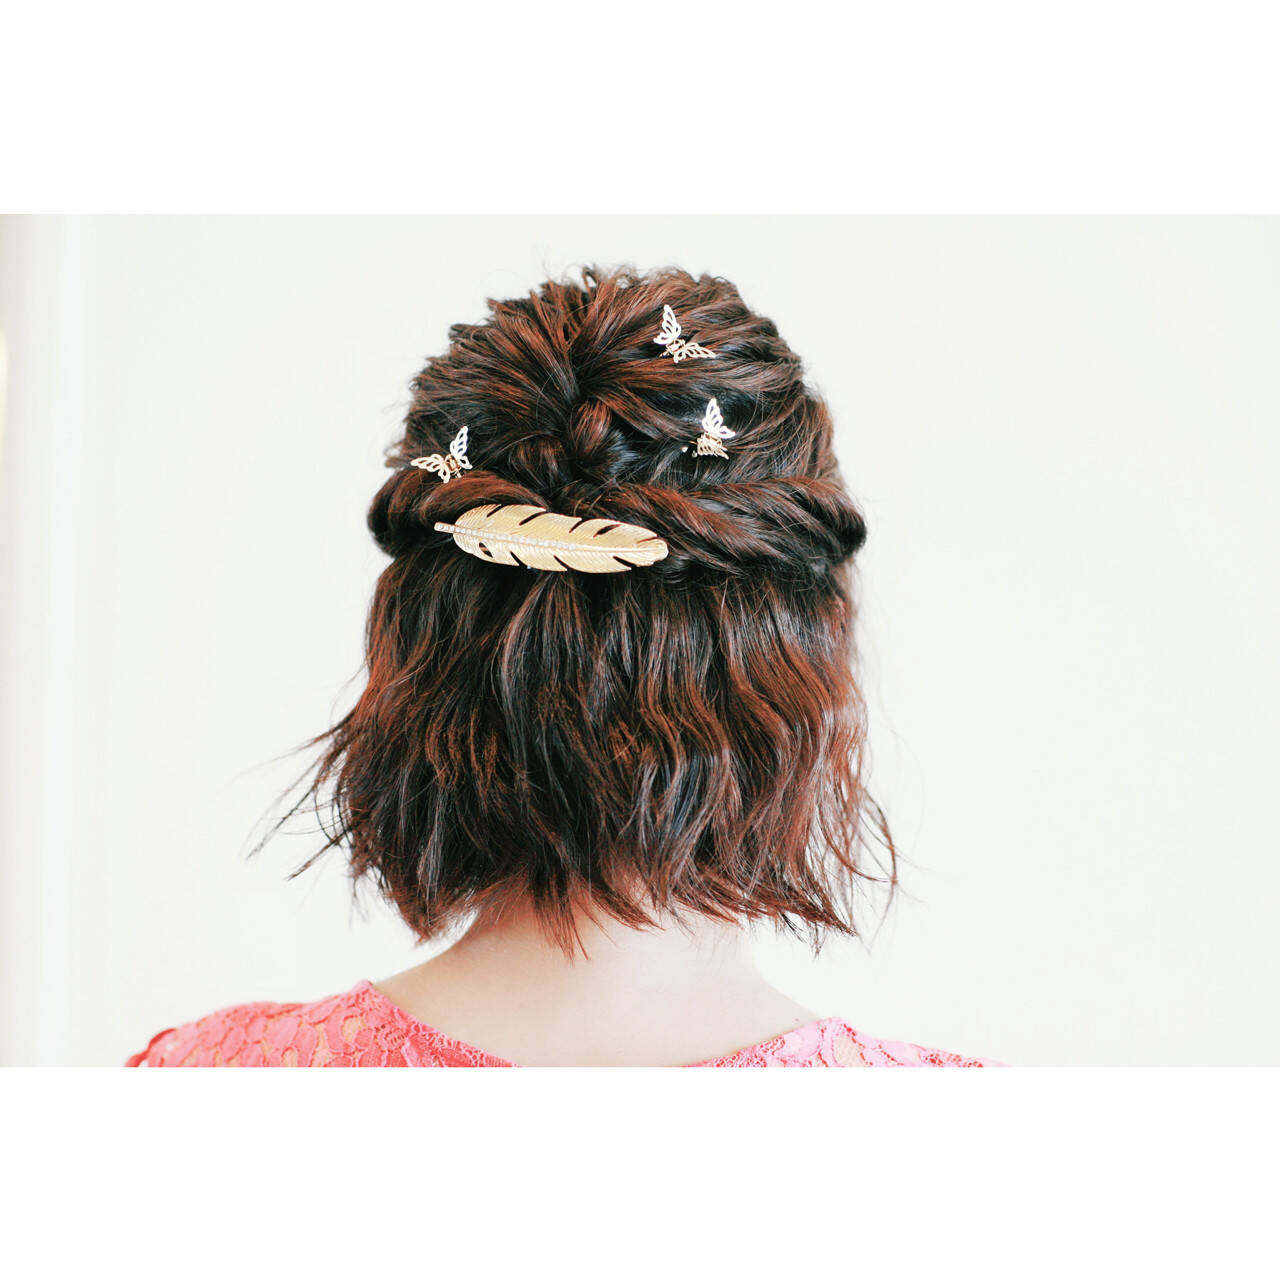 ハーフアップ ボブ ヘアアレンジ 波ウェーブヘアスタイルや髪型の写真・画像